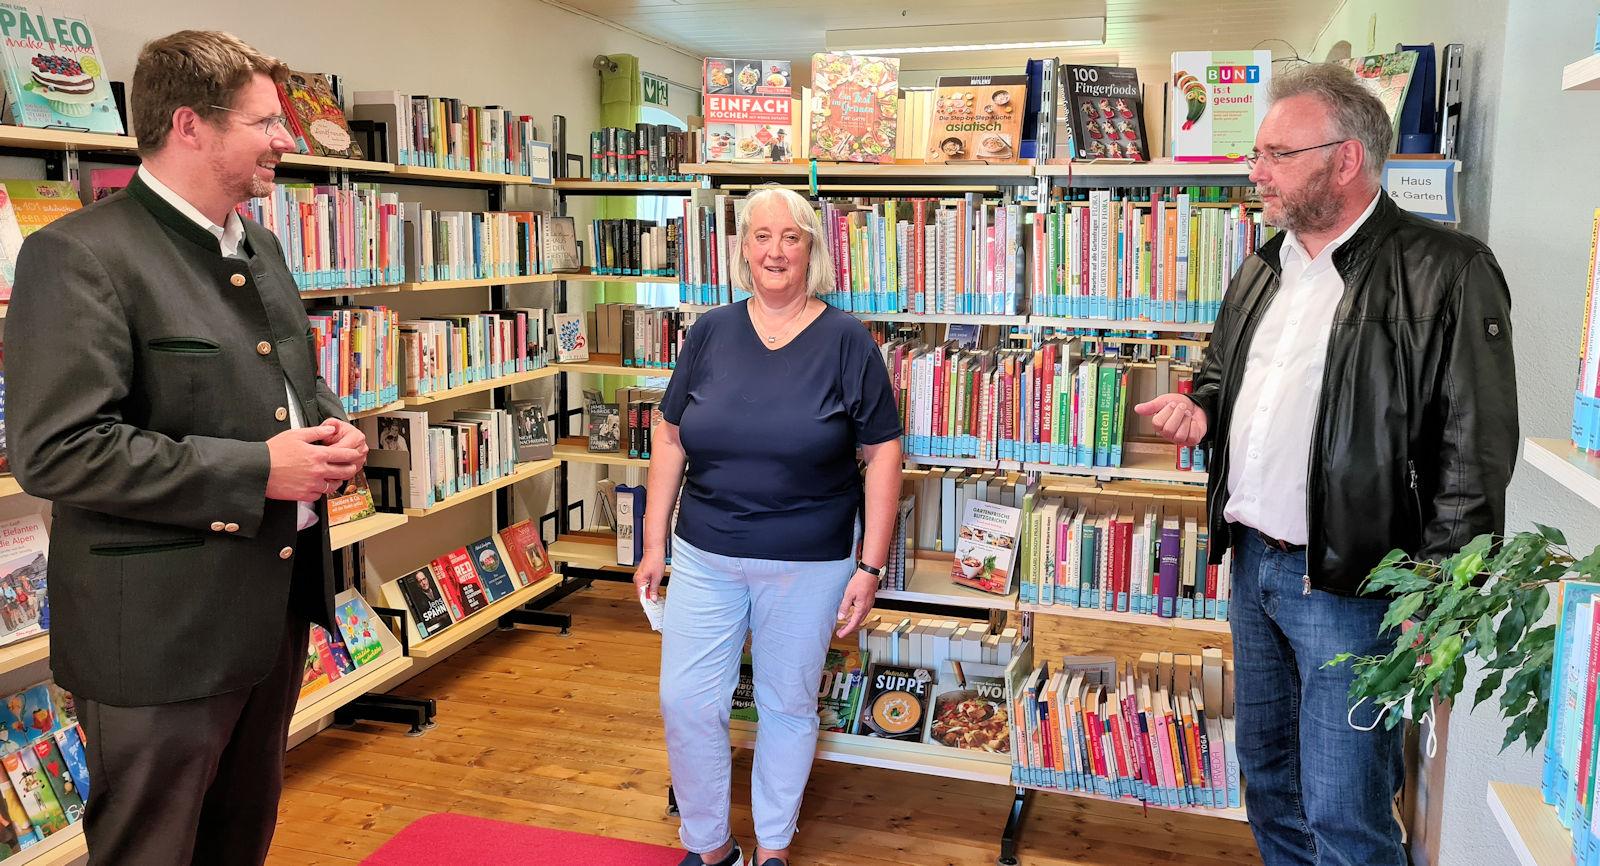 Stephan Stracke gratulierte Büchereileiterin Erna Waibel und Bürgermeister Lars Leveringhaus zur Bundesförderung für die Gemeindebücherei.